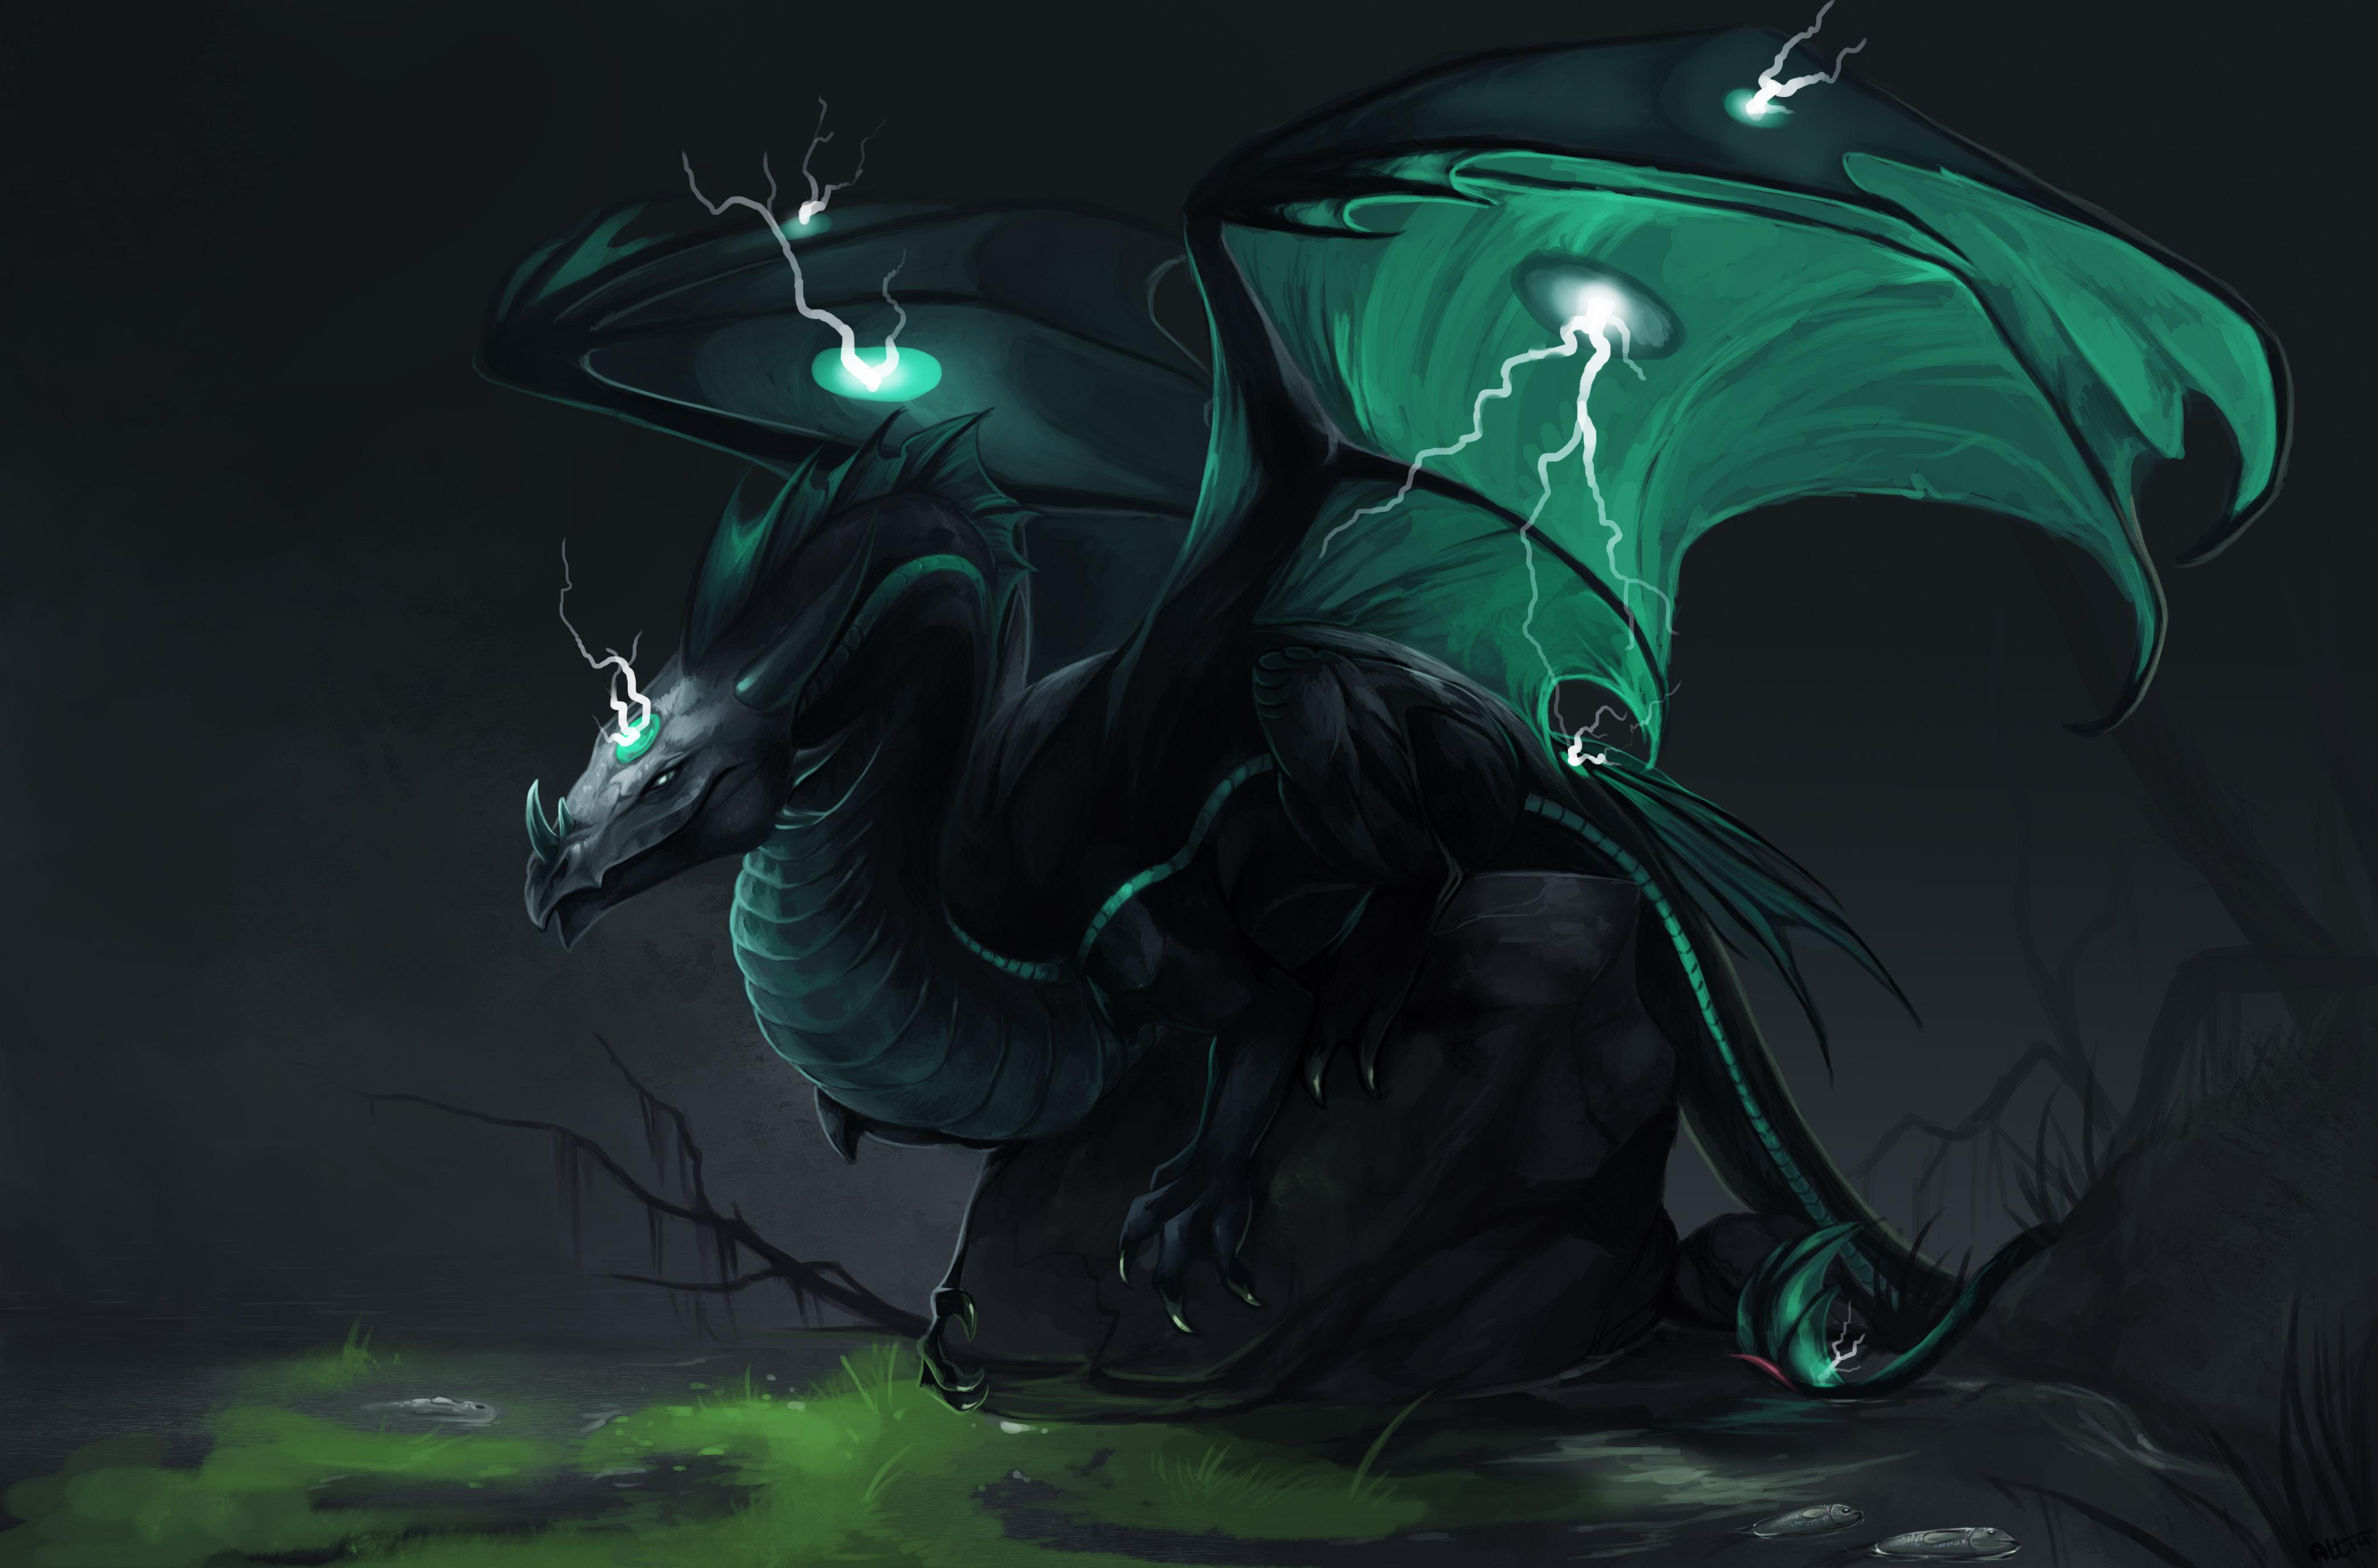 Dragon Lightning 4171x2751